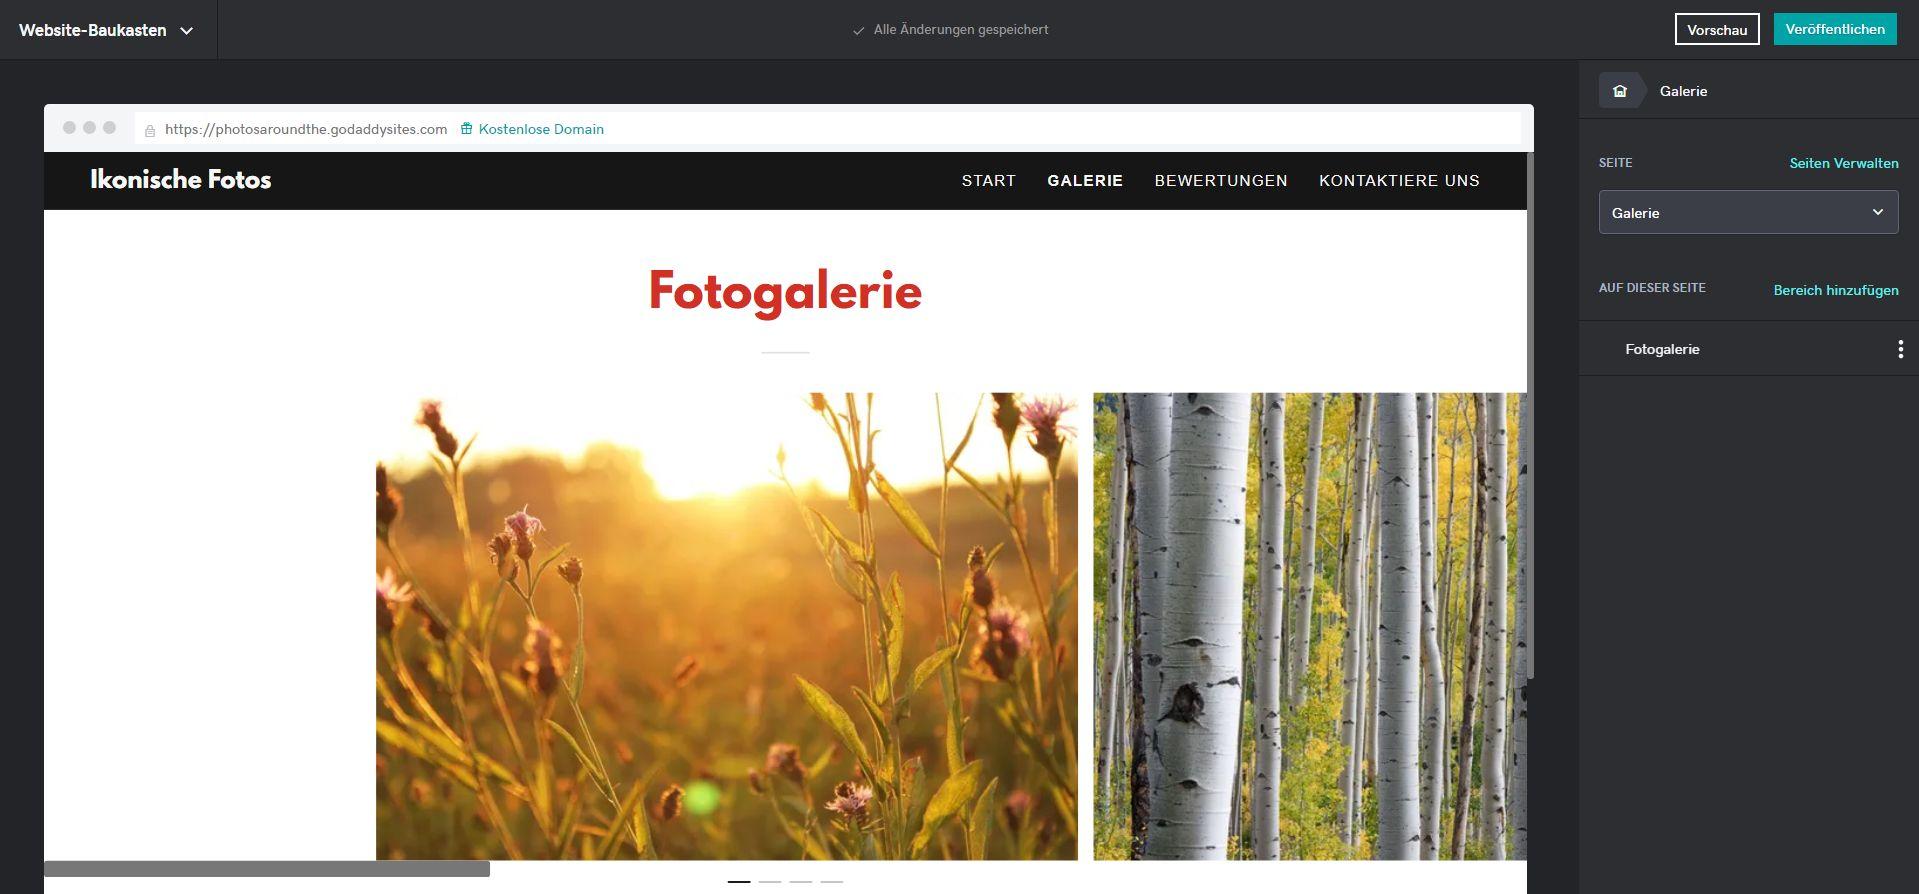 Fotoblog erstellen (2019) mit GoDaddy: Schritt 4